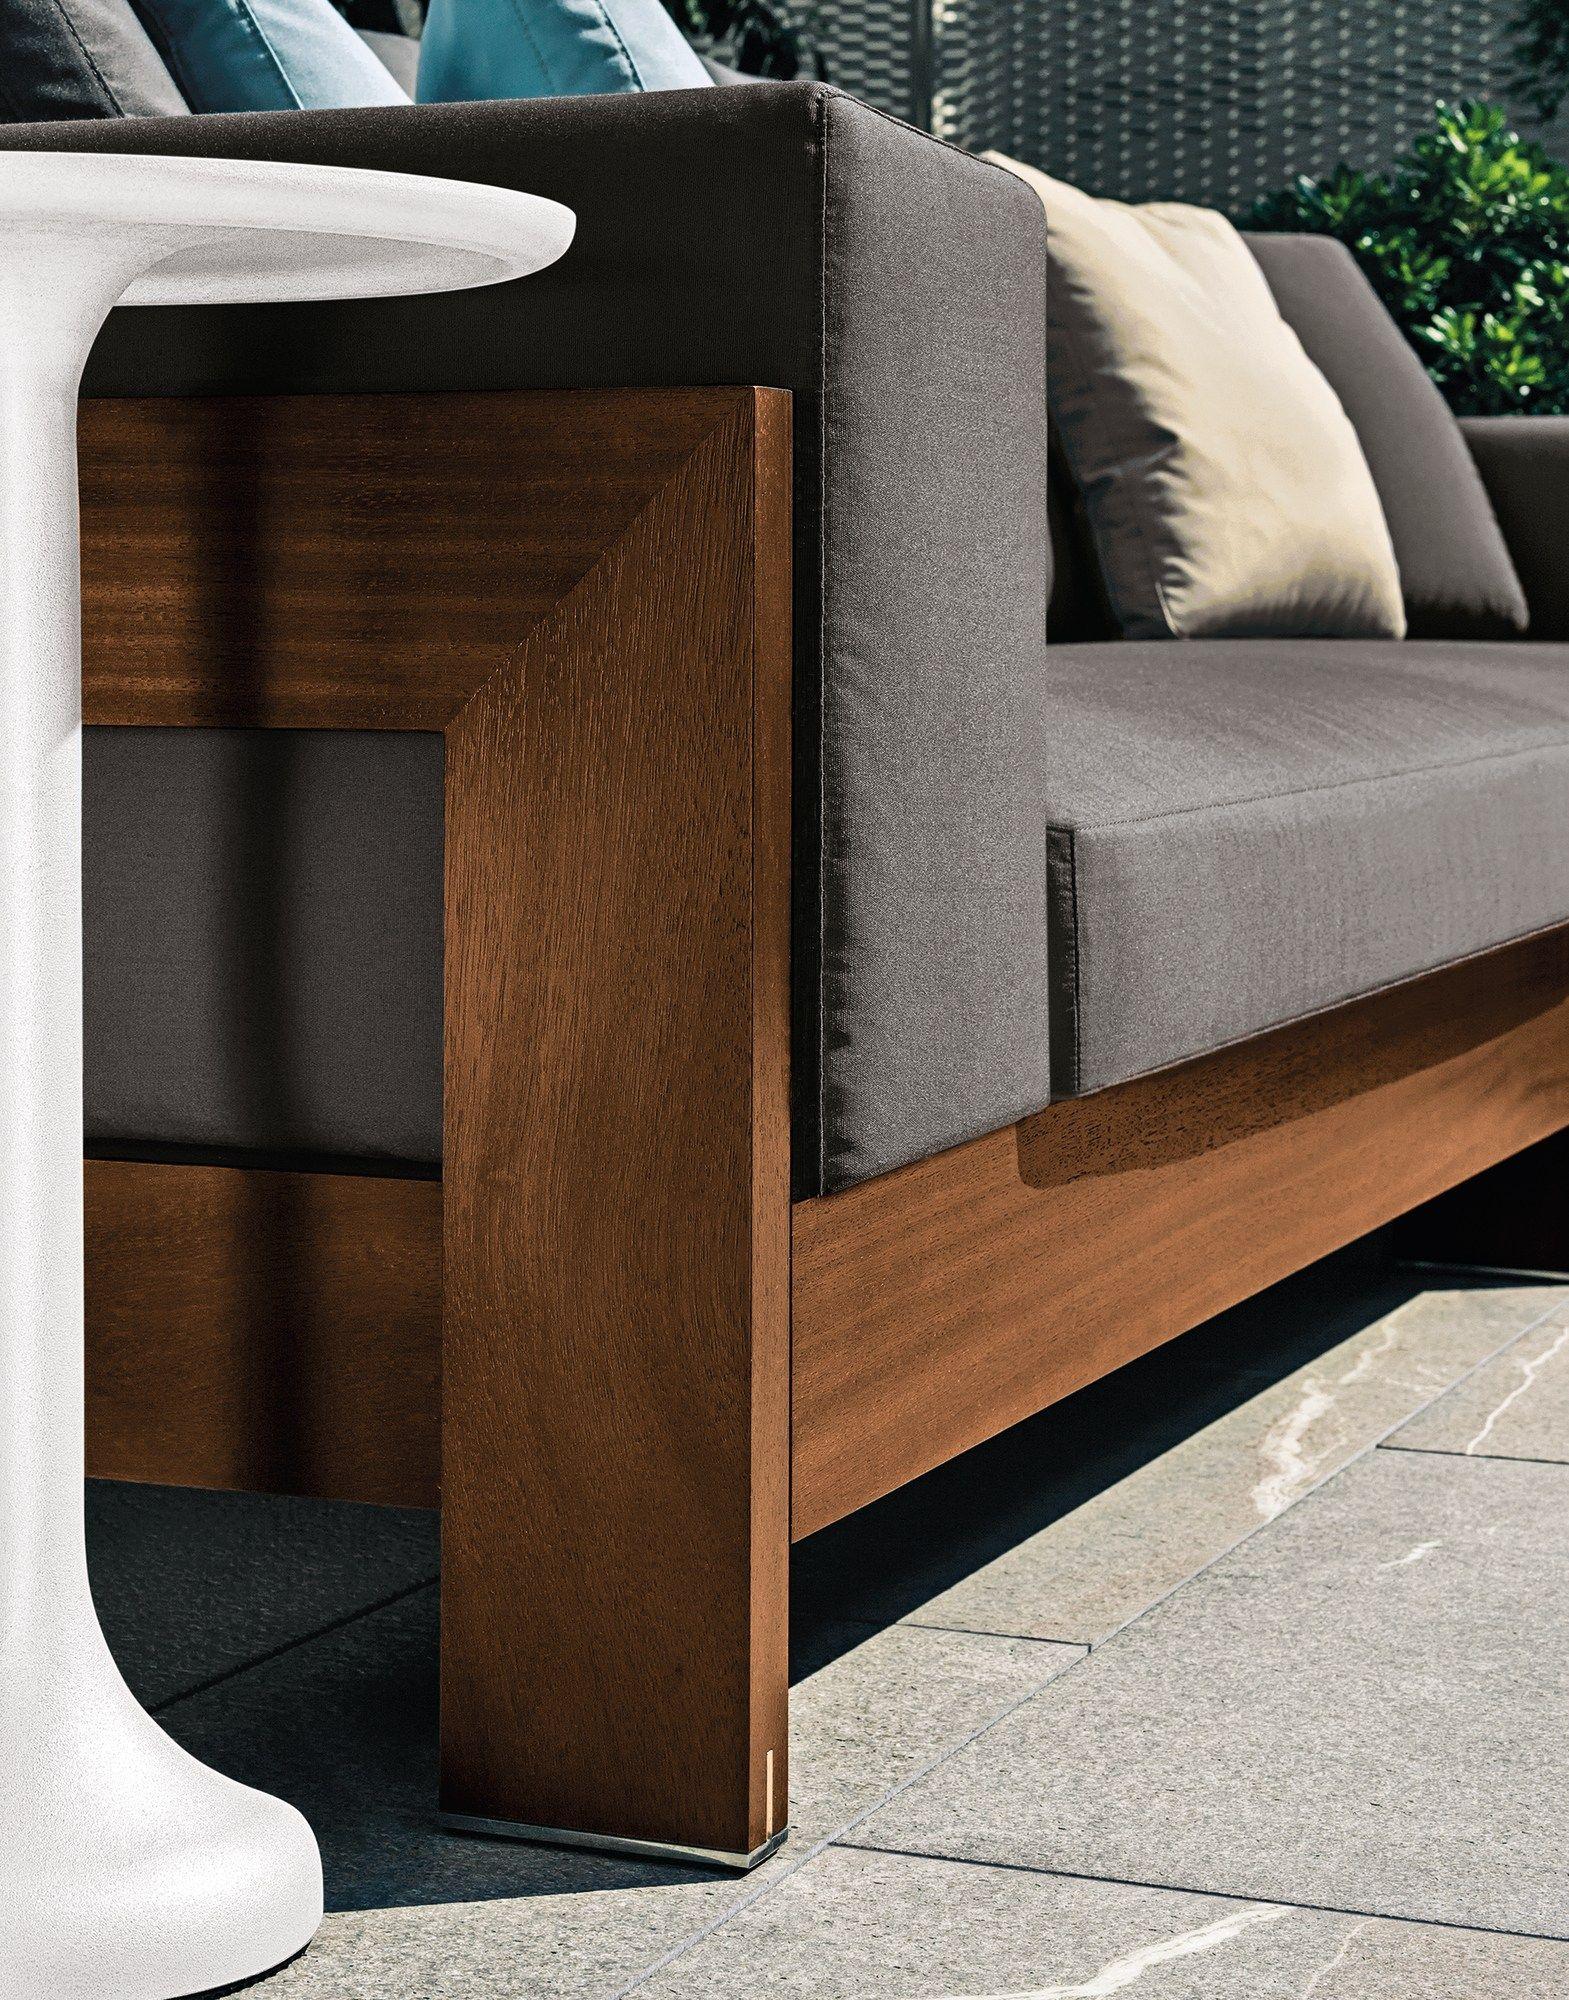 alison iroko outdoor by minotti design roberto minotti